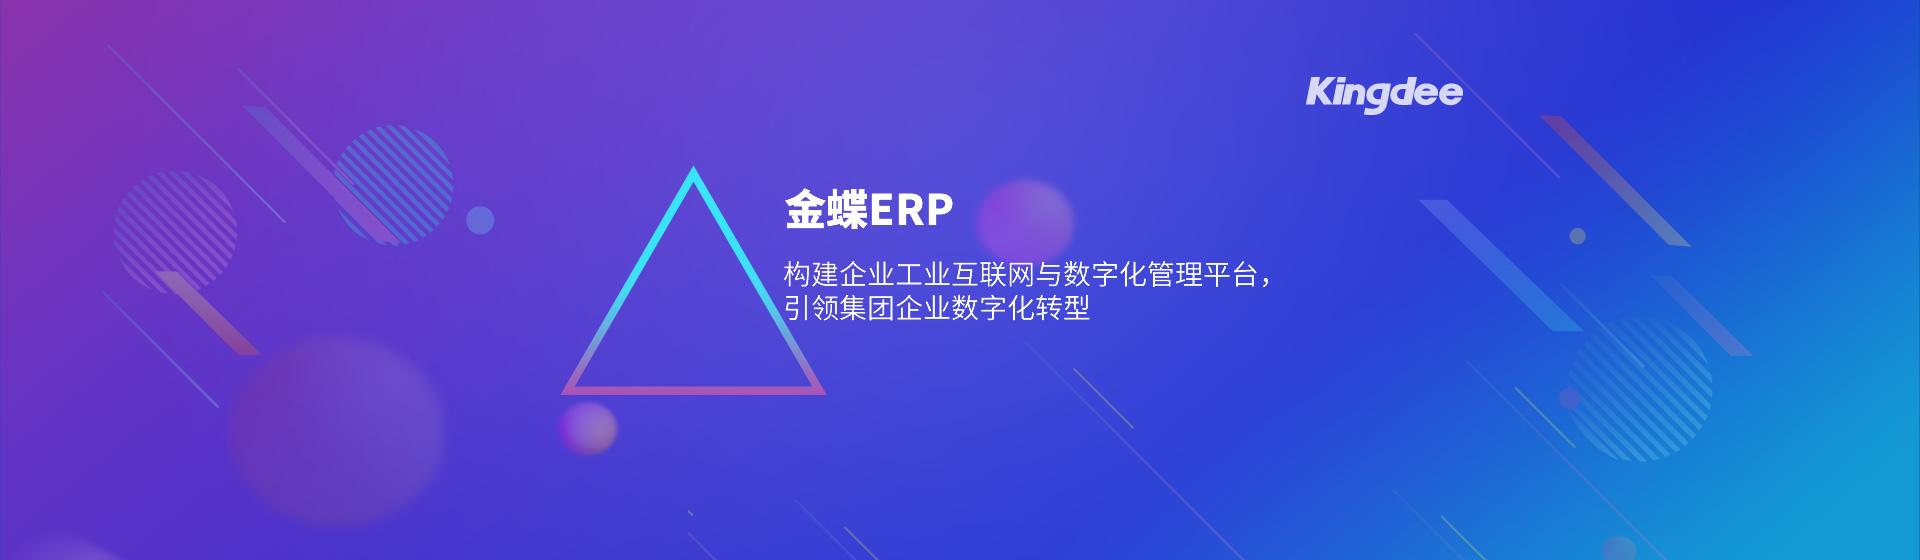 苏州众旭软件科技有限公司